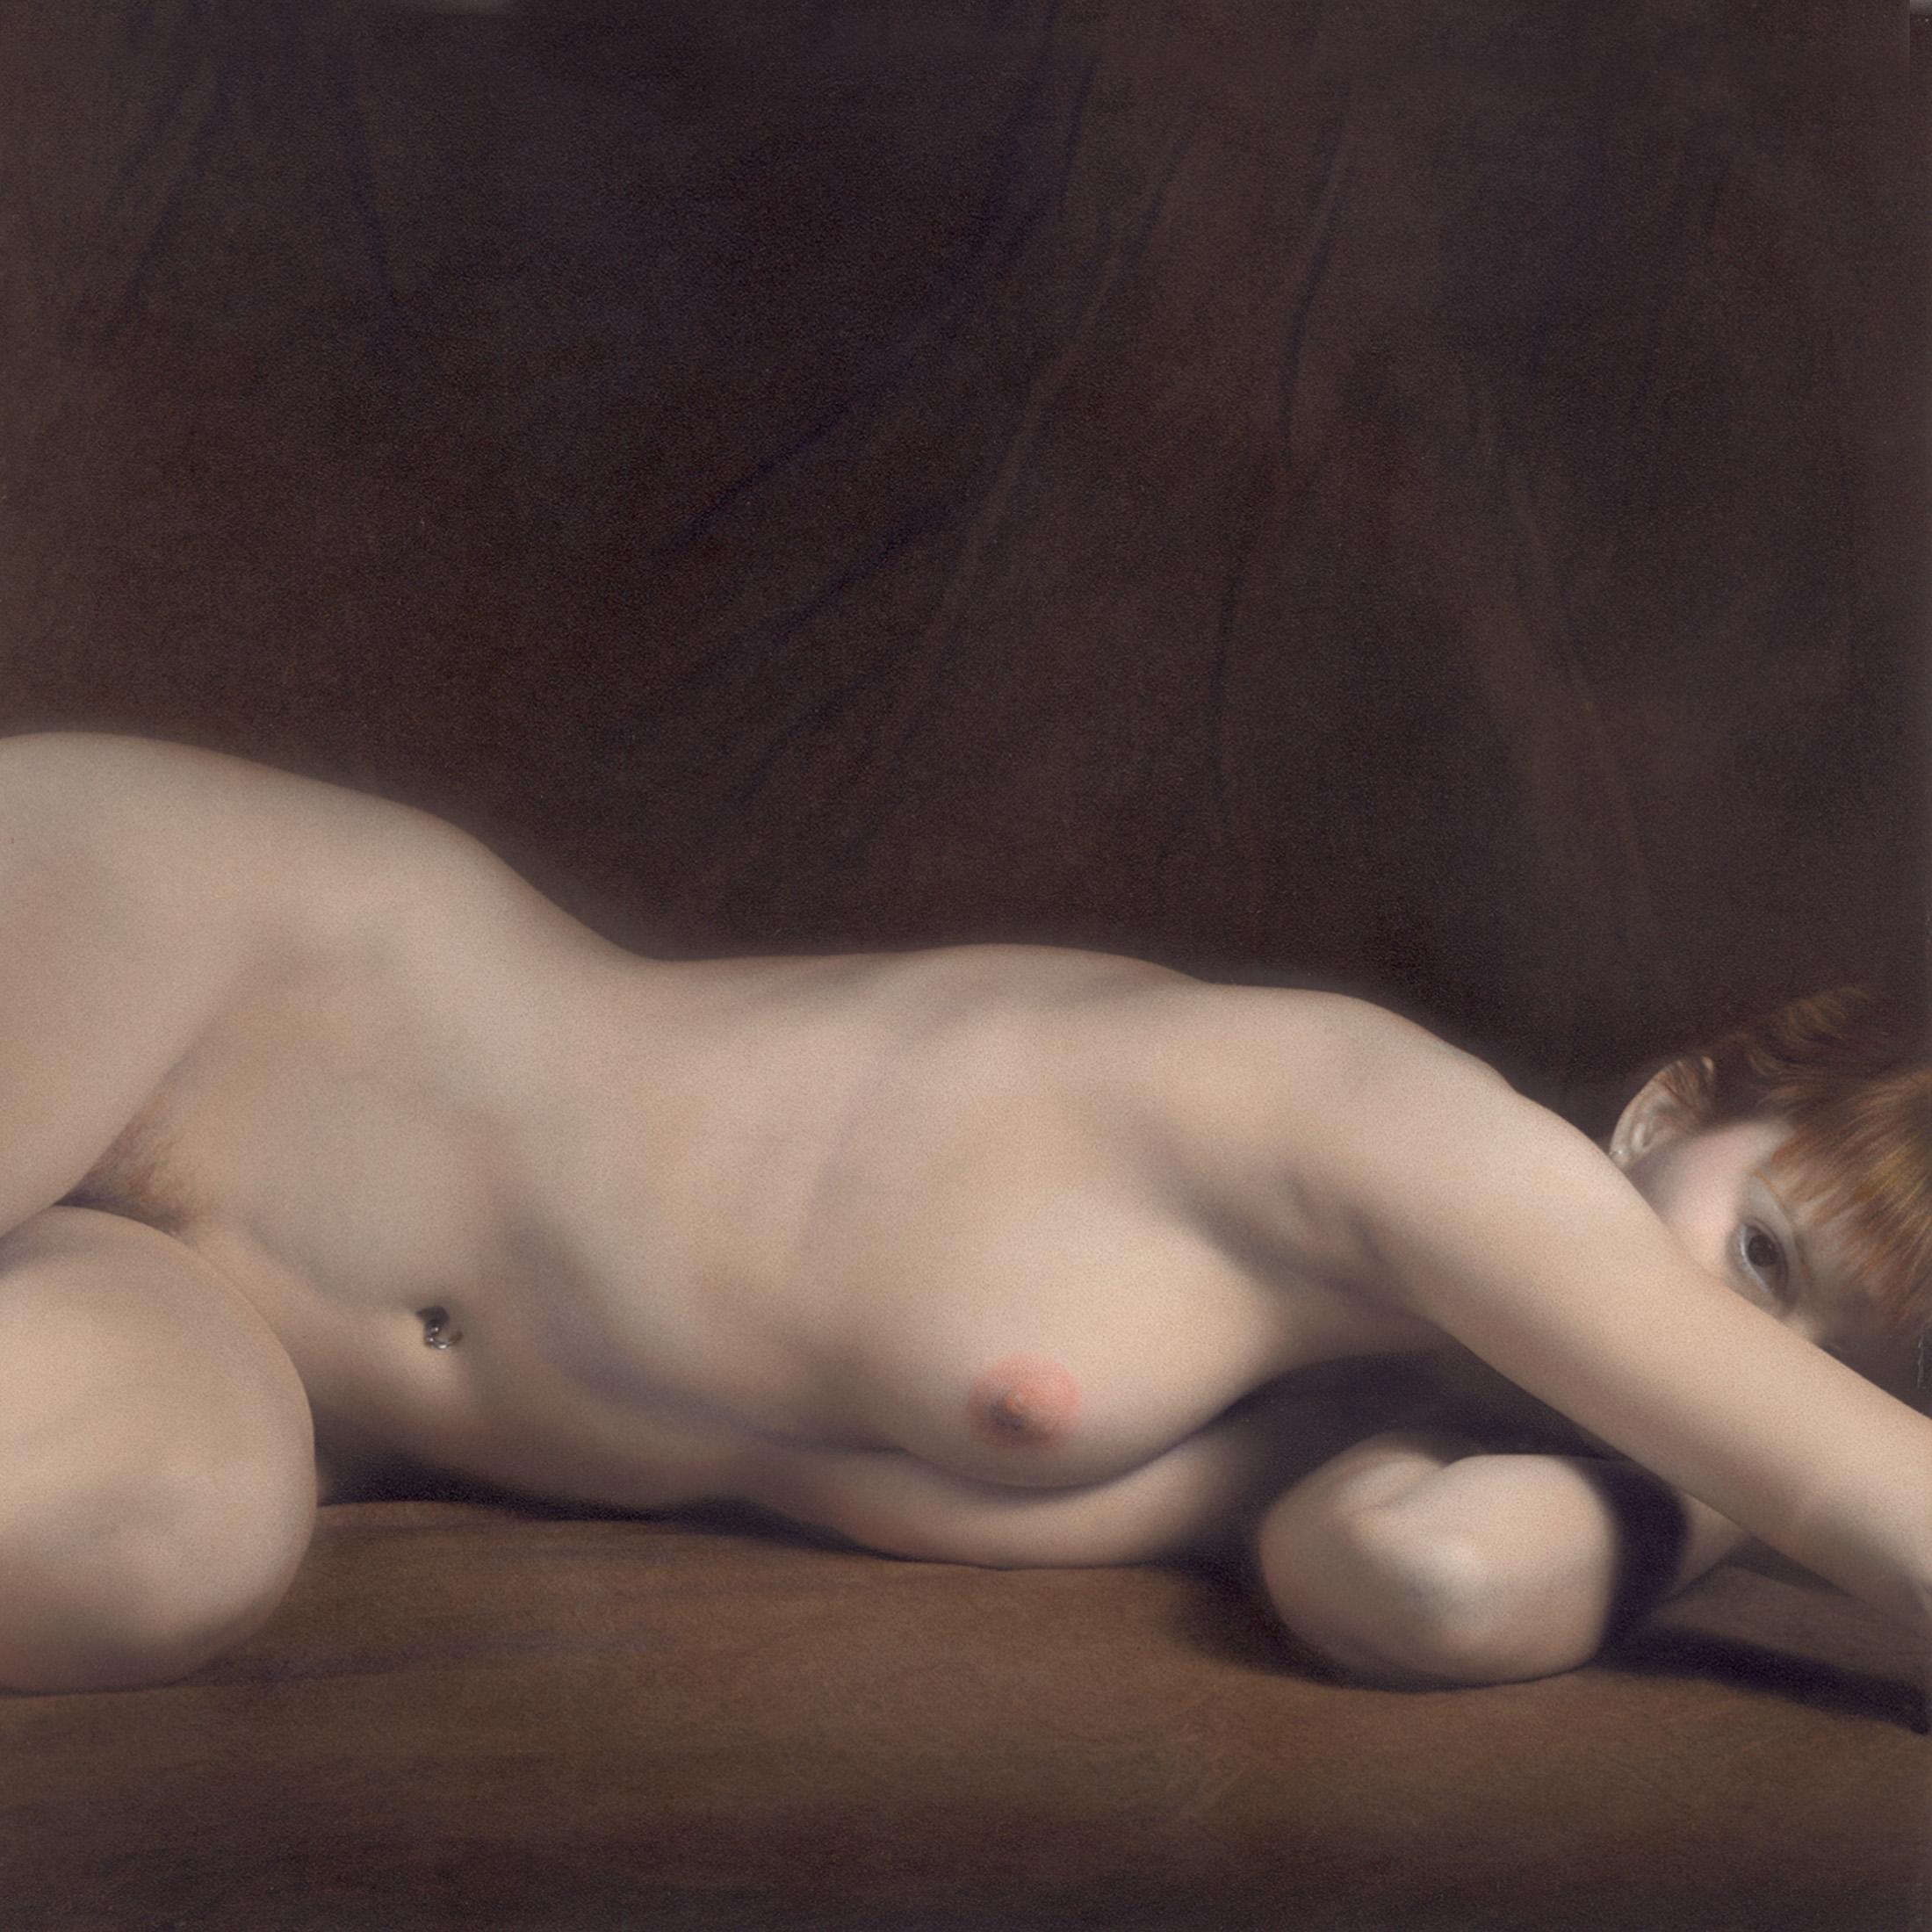 One-Eyed Nude